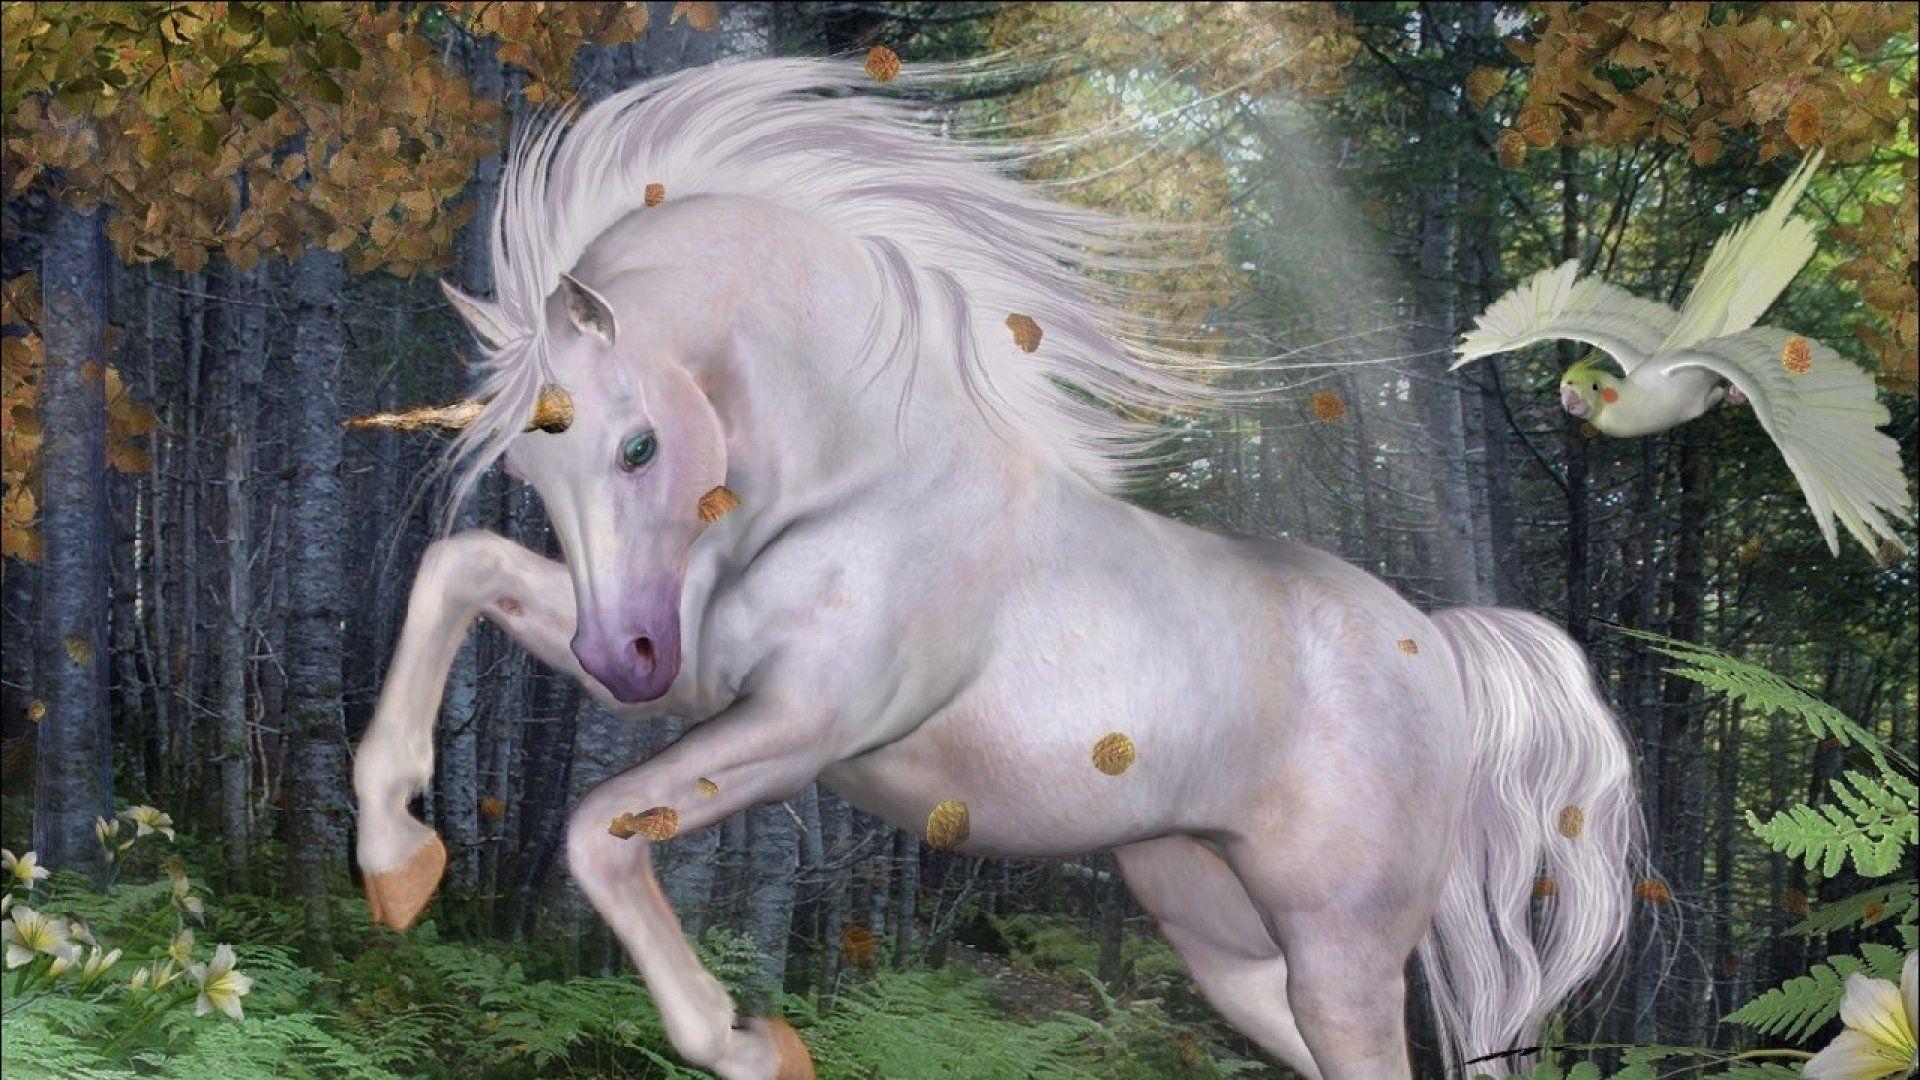 Unicorn full hd wallpaper for laptop